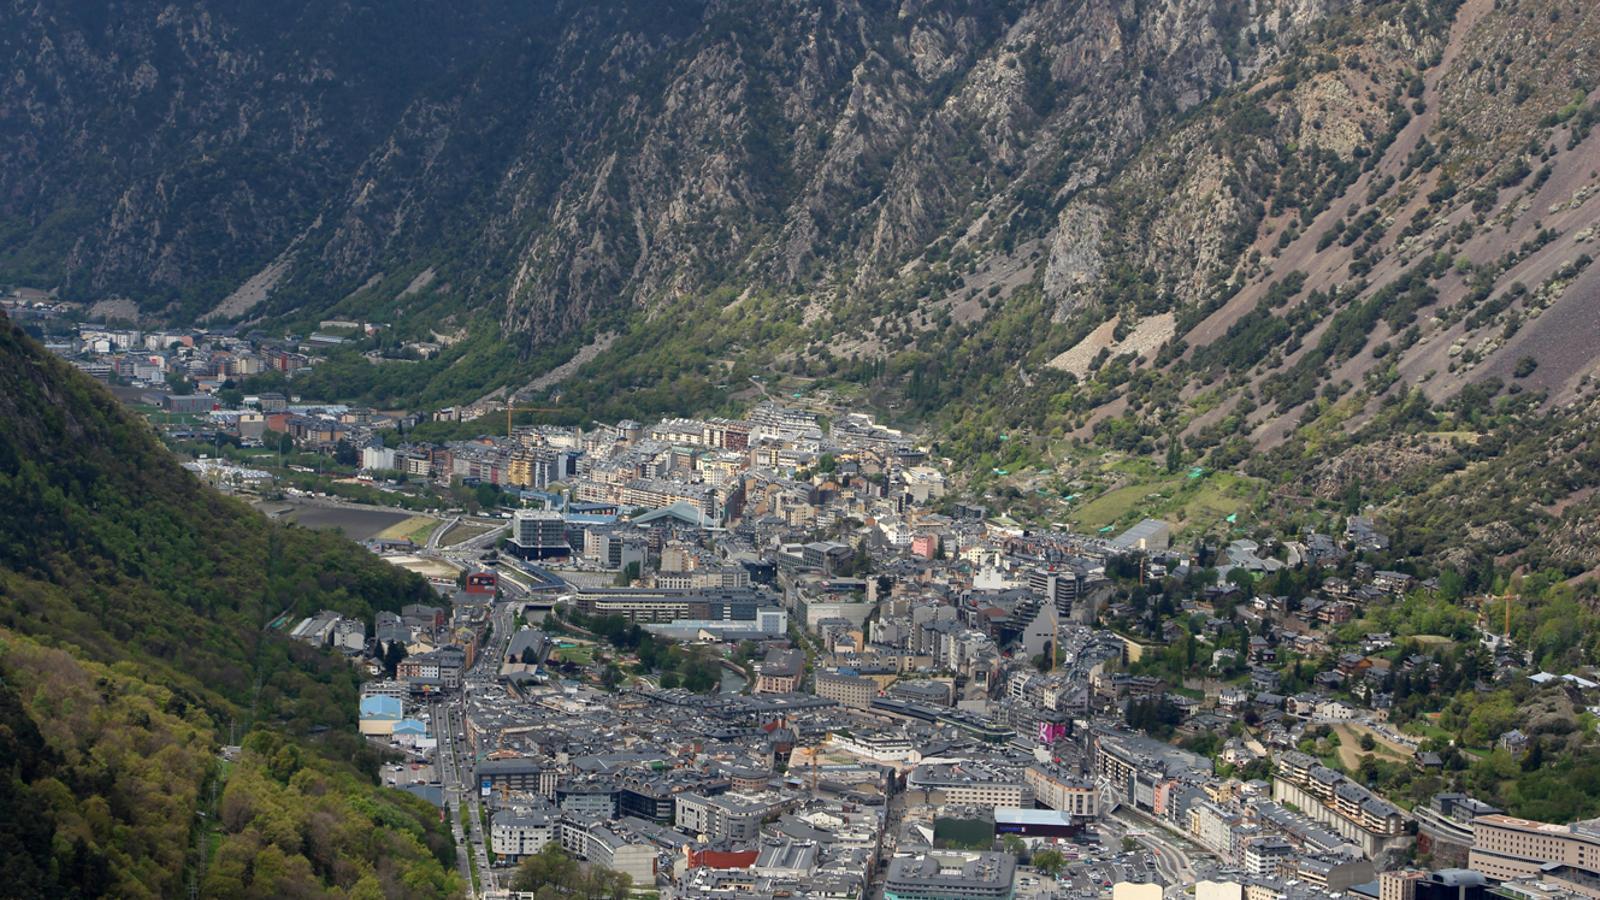 Vista aèria de les parròquies d'Andorra la Vella i Escaldes-Engordany. / ARXIU ANA